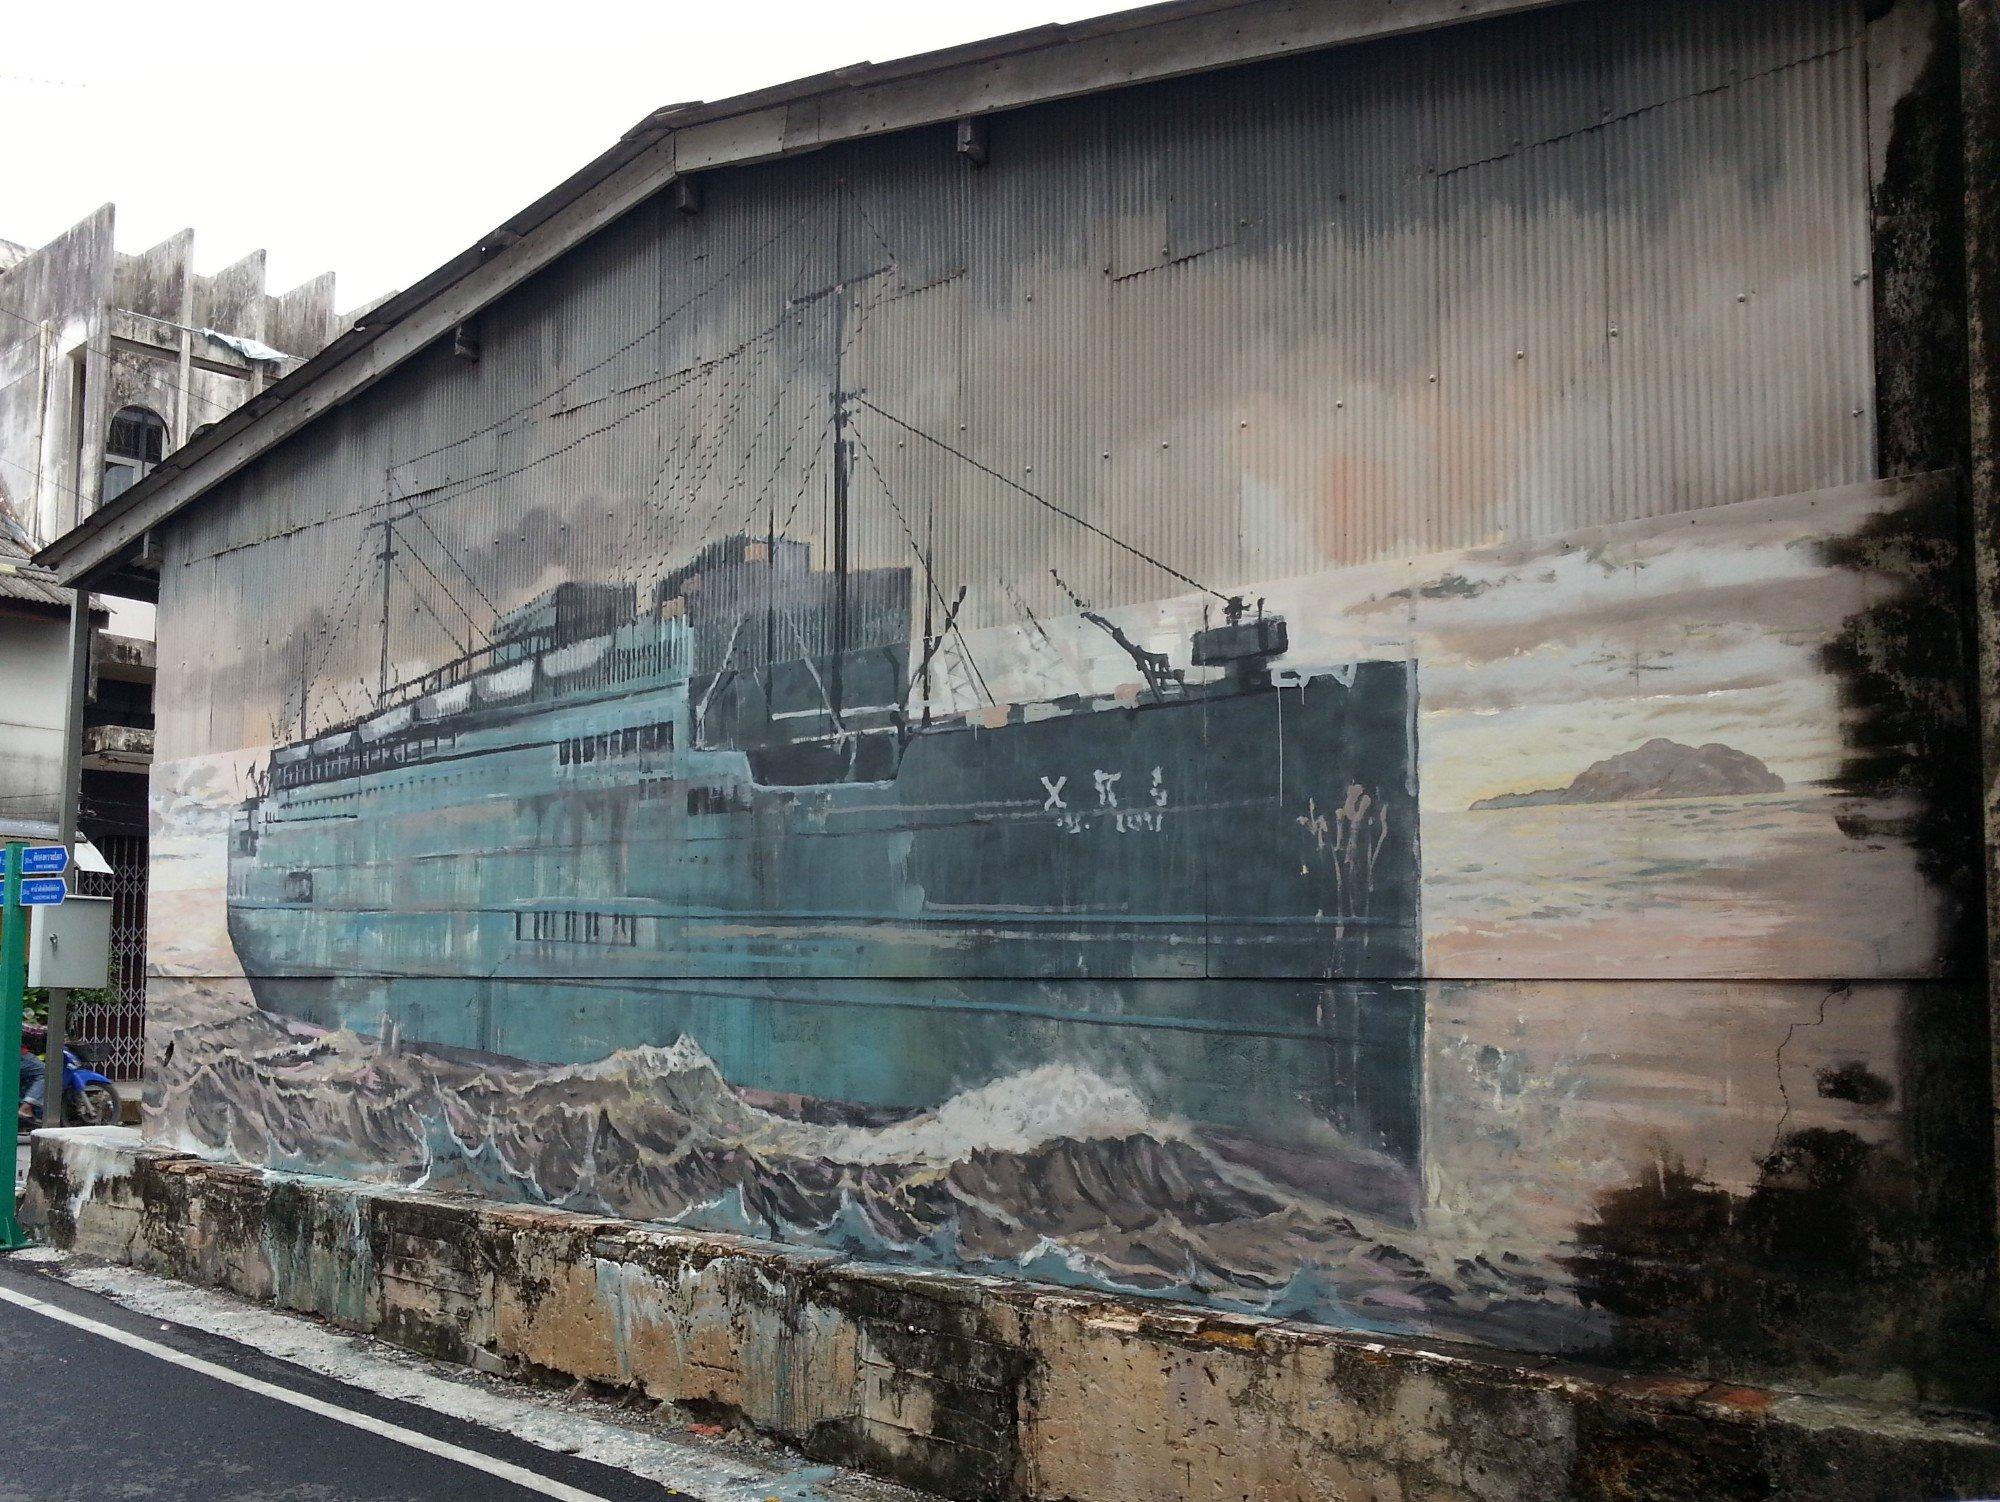 Ship mural in Songkhla